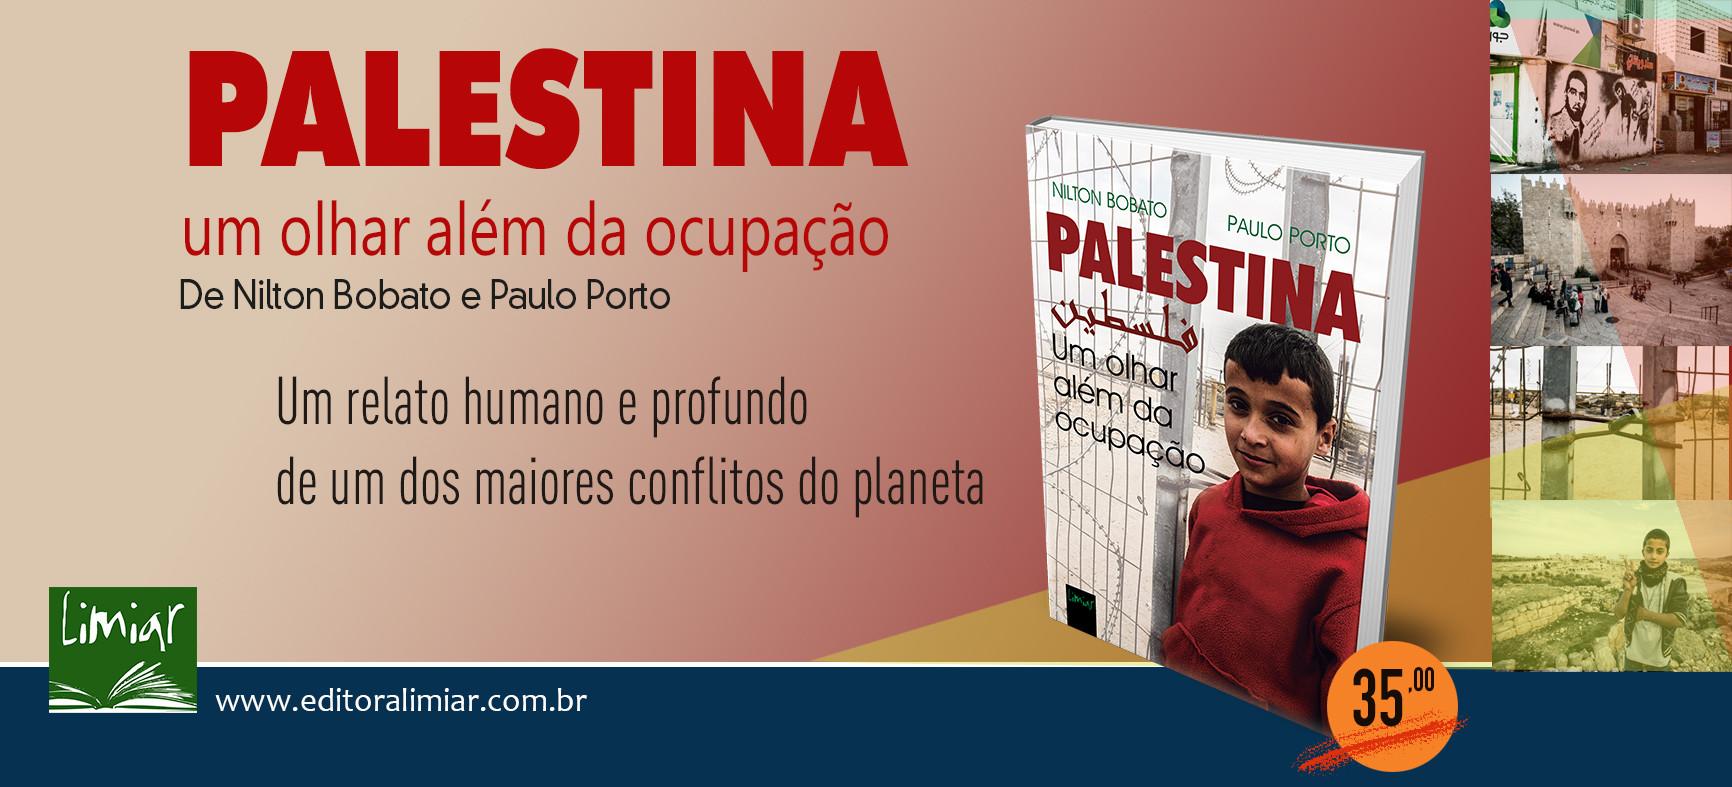 PALESTINA, um olhar além da ocupação